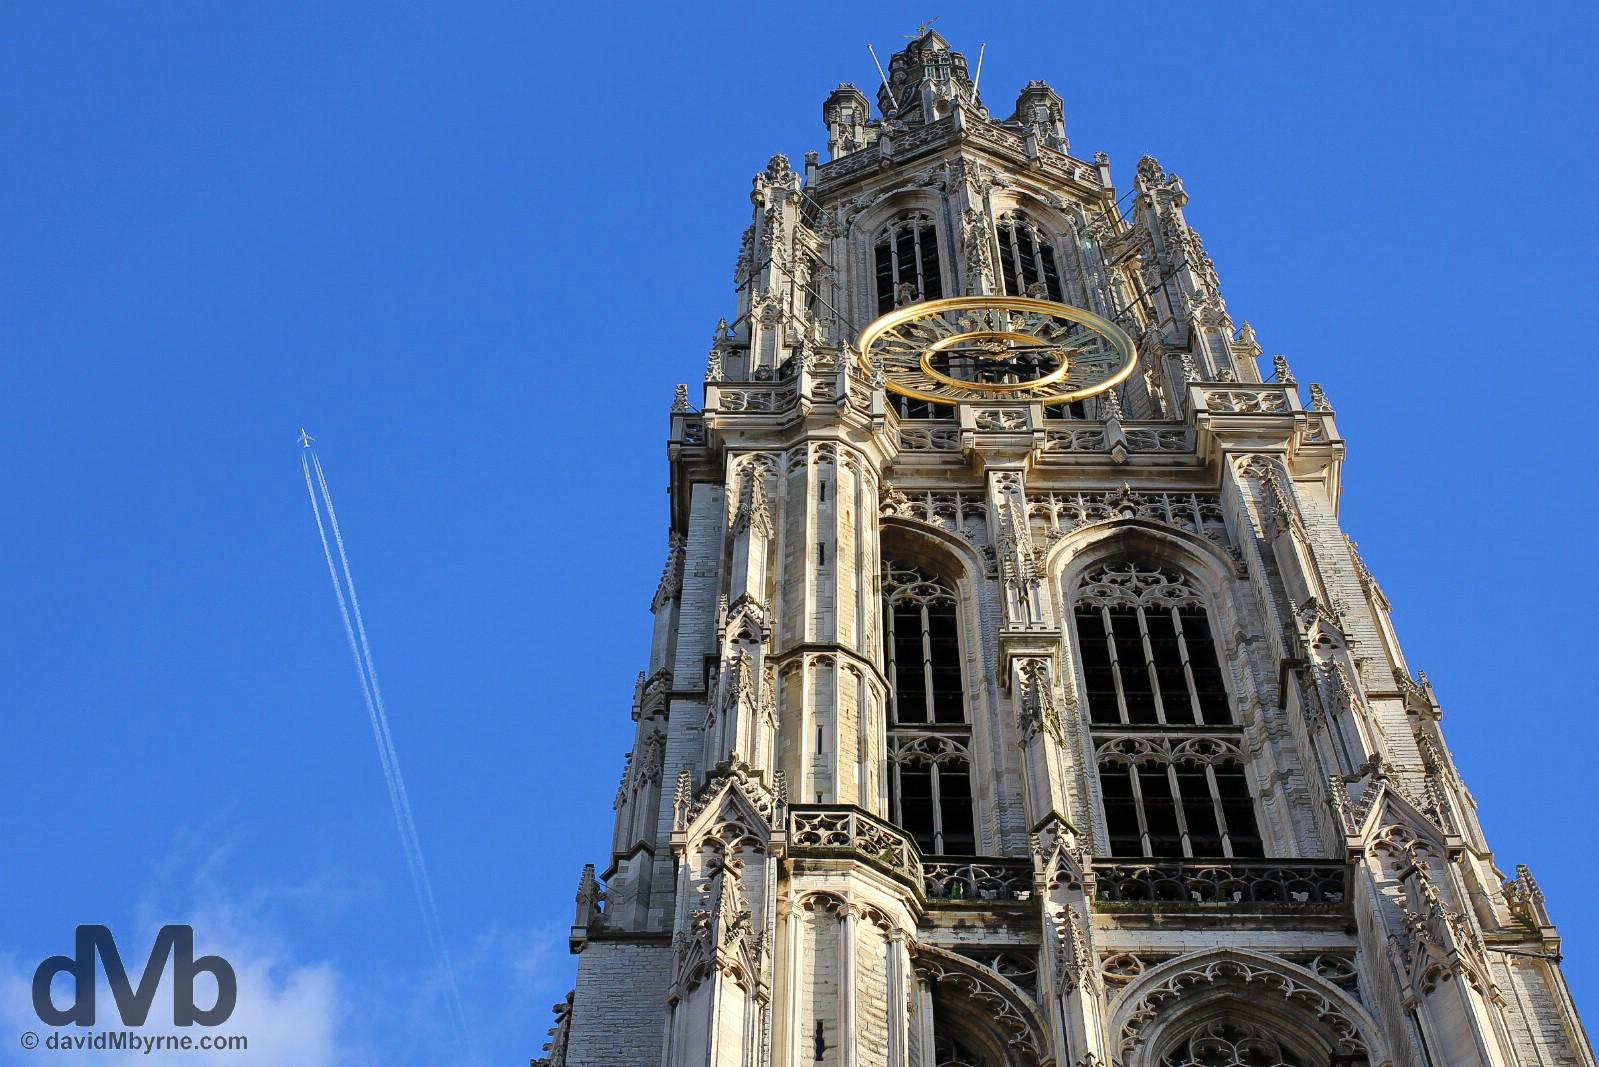 Tower of the Onze Lieve Vrouwekathedraal in Handschoen Markt, central Antwerp, Belgium. January 17, 2016.